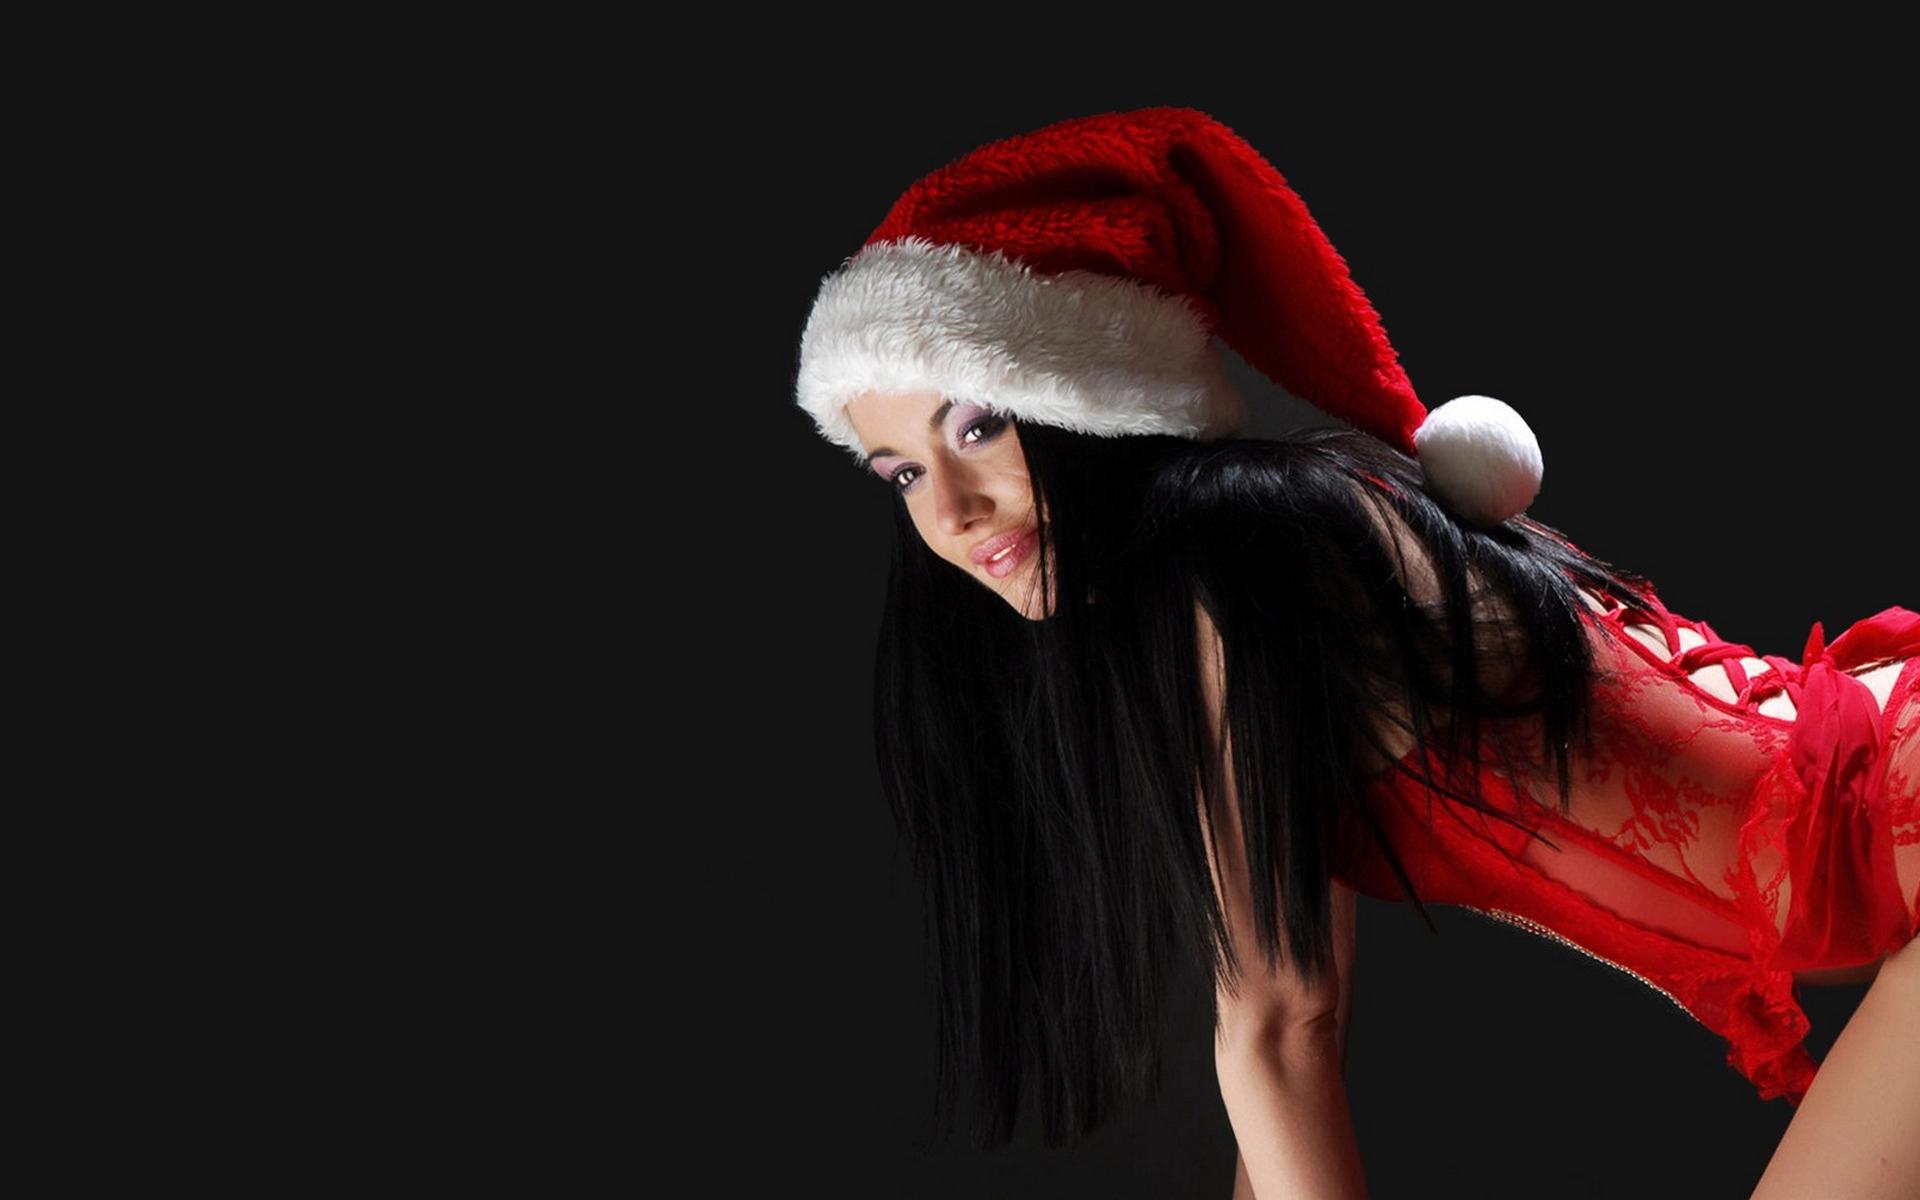 http://images.vfl.ru/ii/1388676030/218d7047/3886660.jpg